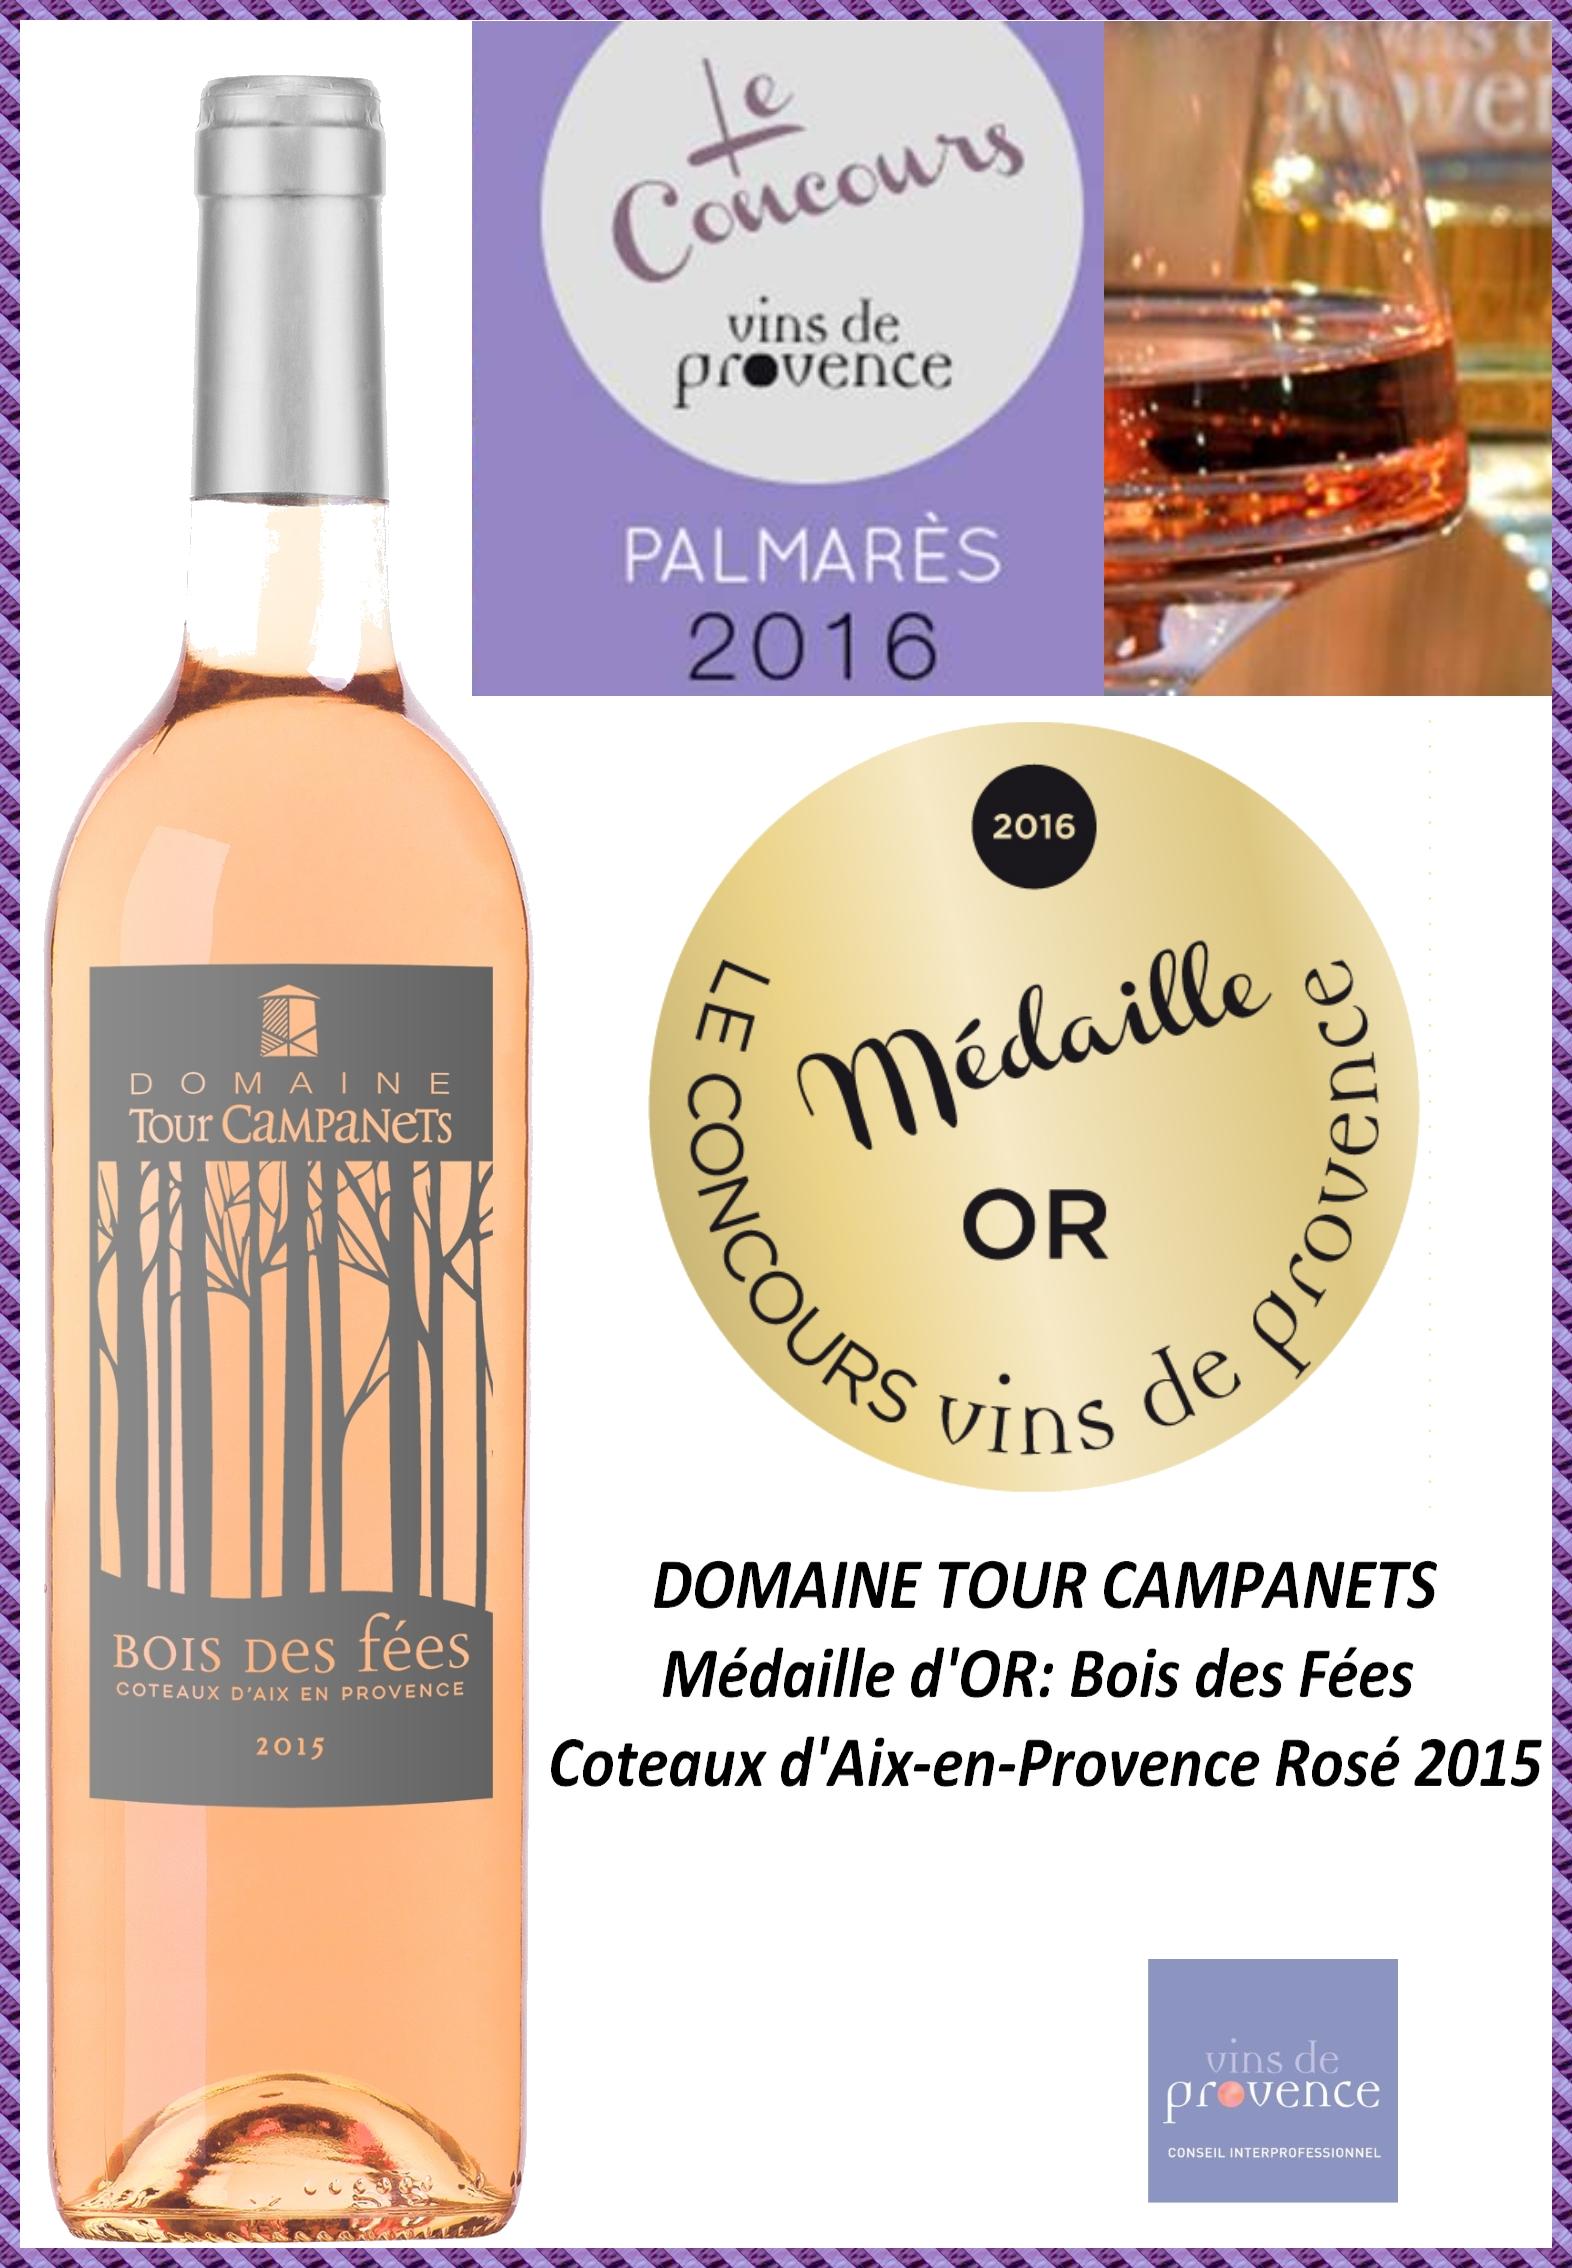 Cuvée Bois des Fées Médaille d'Or Concours des vins de Provence 2016